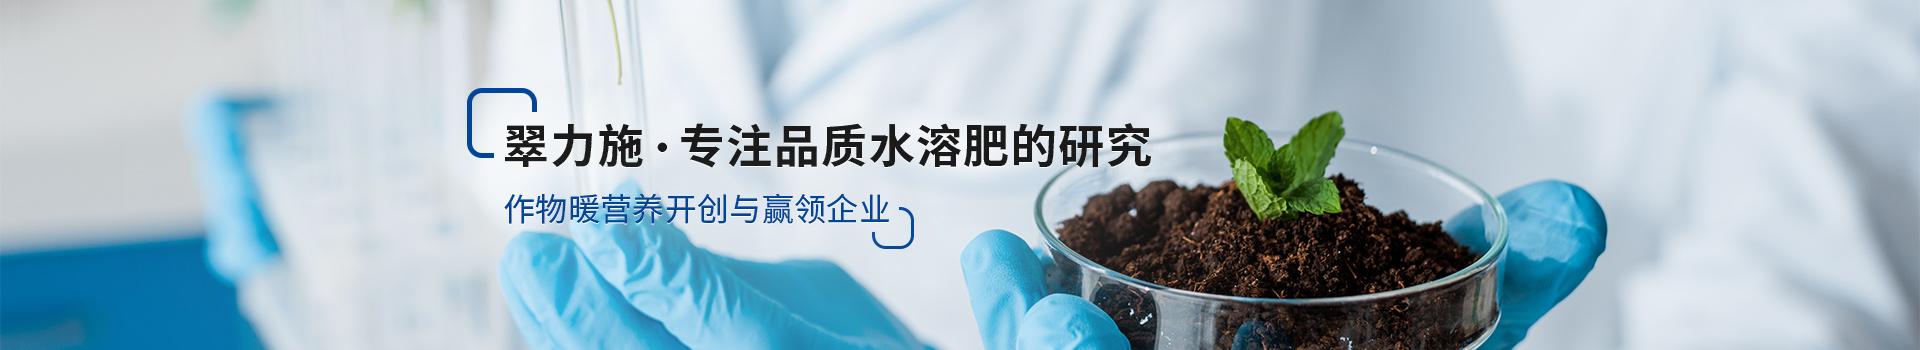 翠力施,专注品质水溶肥的研究